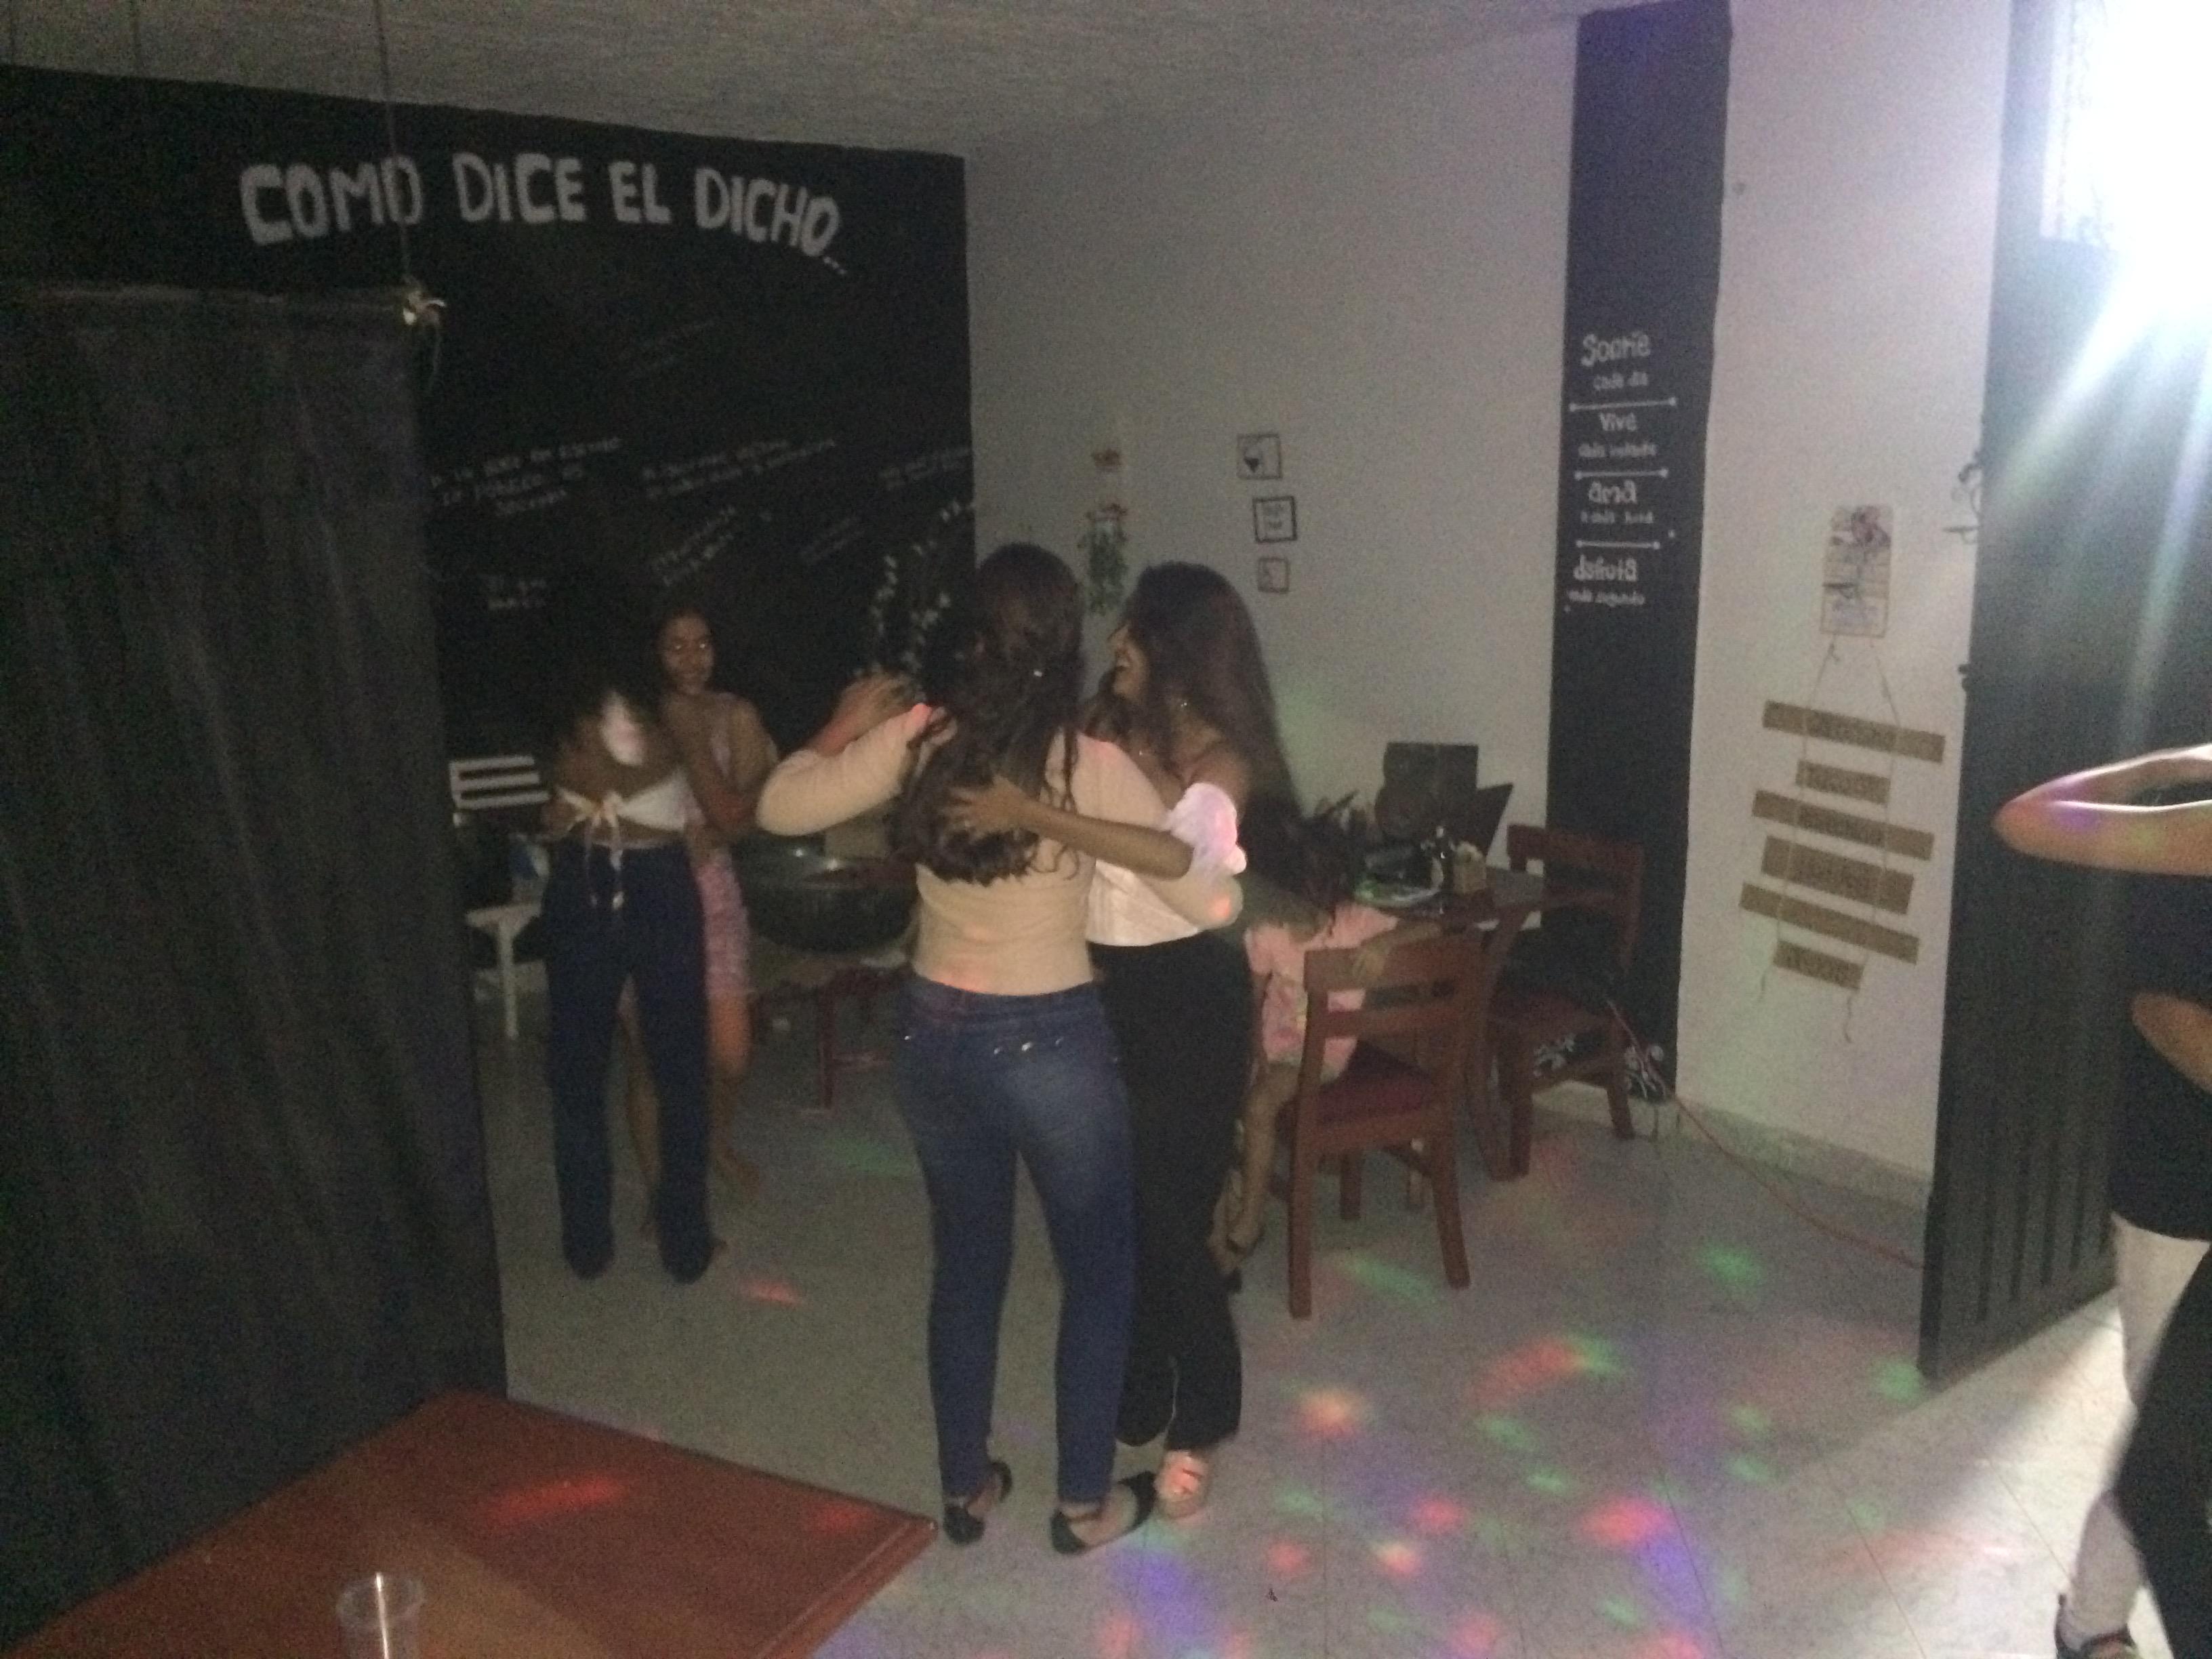 """コロンビア大好きな僕が唯一受け入れられない、""""不快な""""文化の違い。ダンスをしないと、雰囲気が乱れる?"""